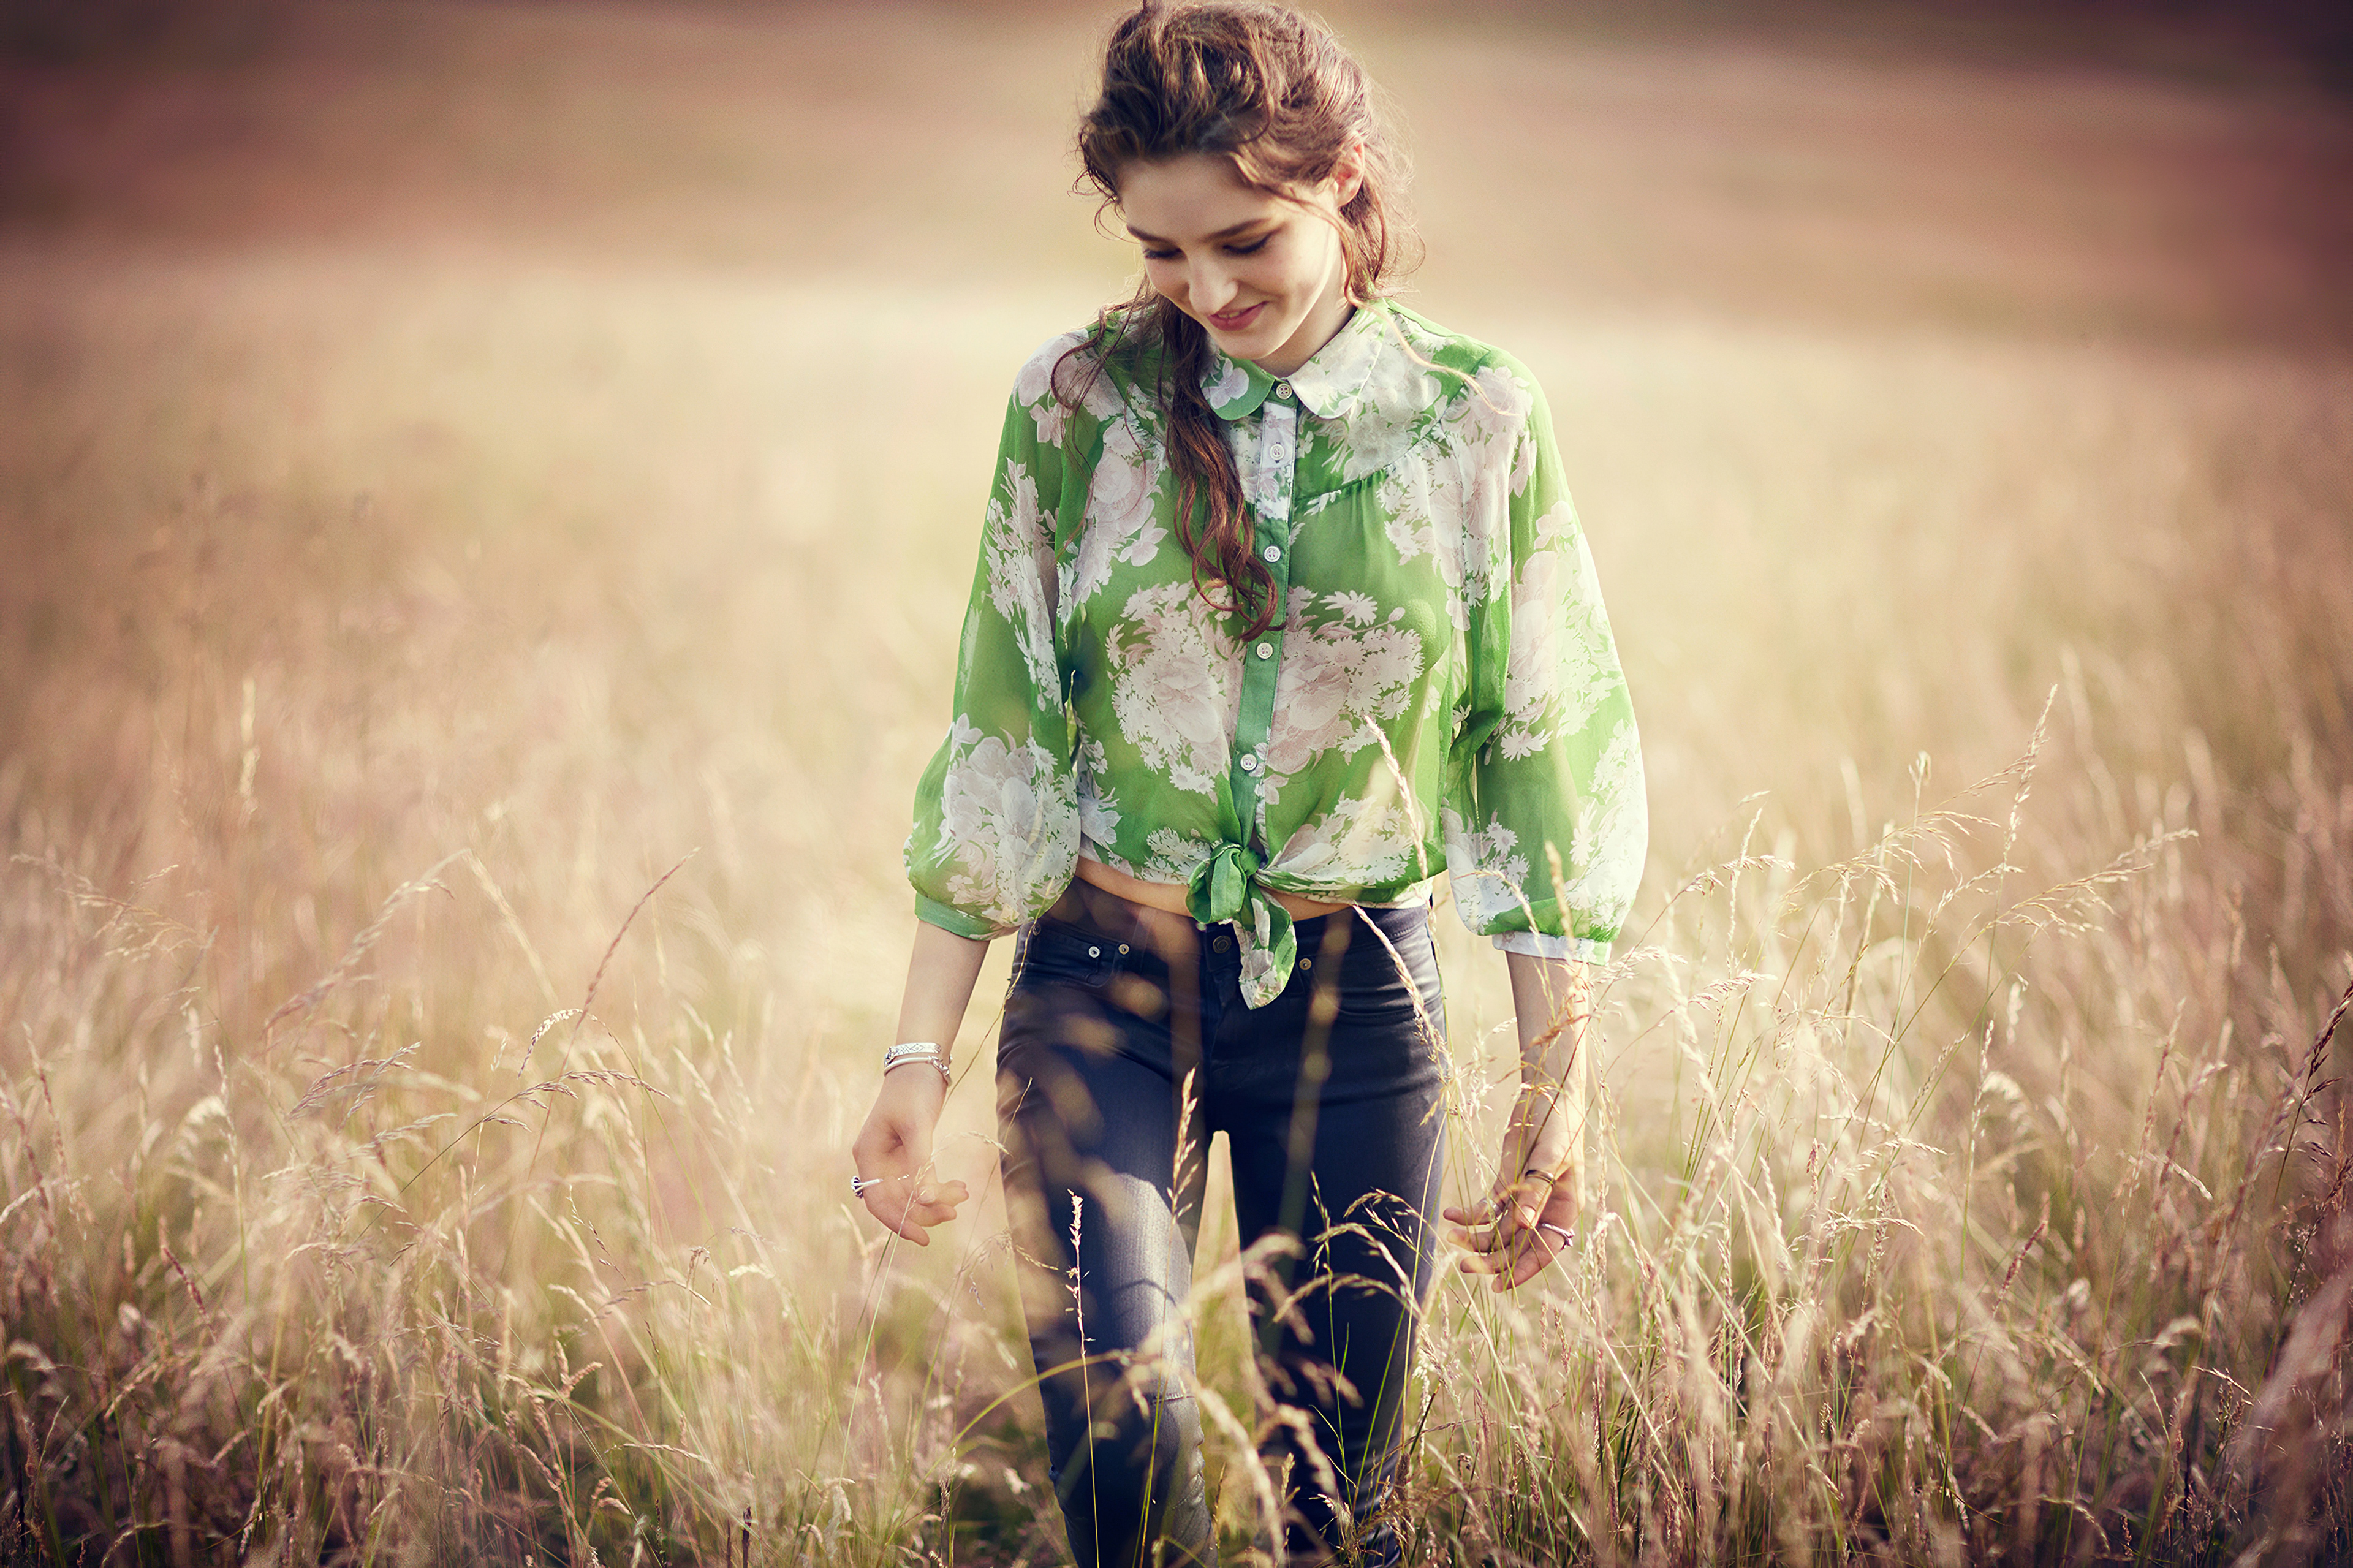 girl in field walking smiling 1575666211 - Girl In Field Walking Smiling -